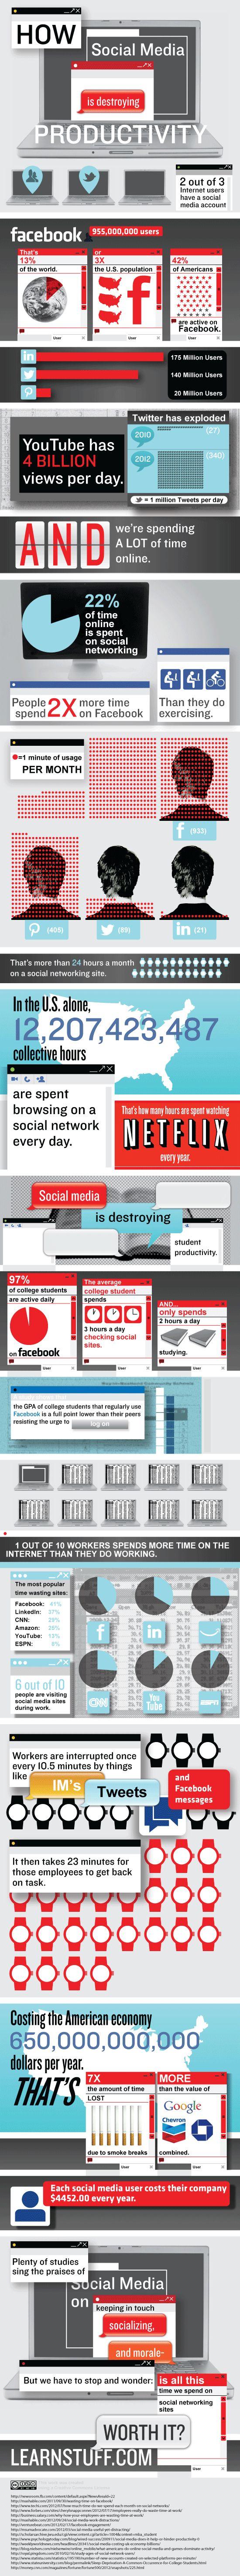 43 best Social Media for Job Searching images on Pinterest | Job ...